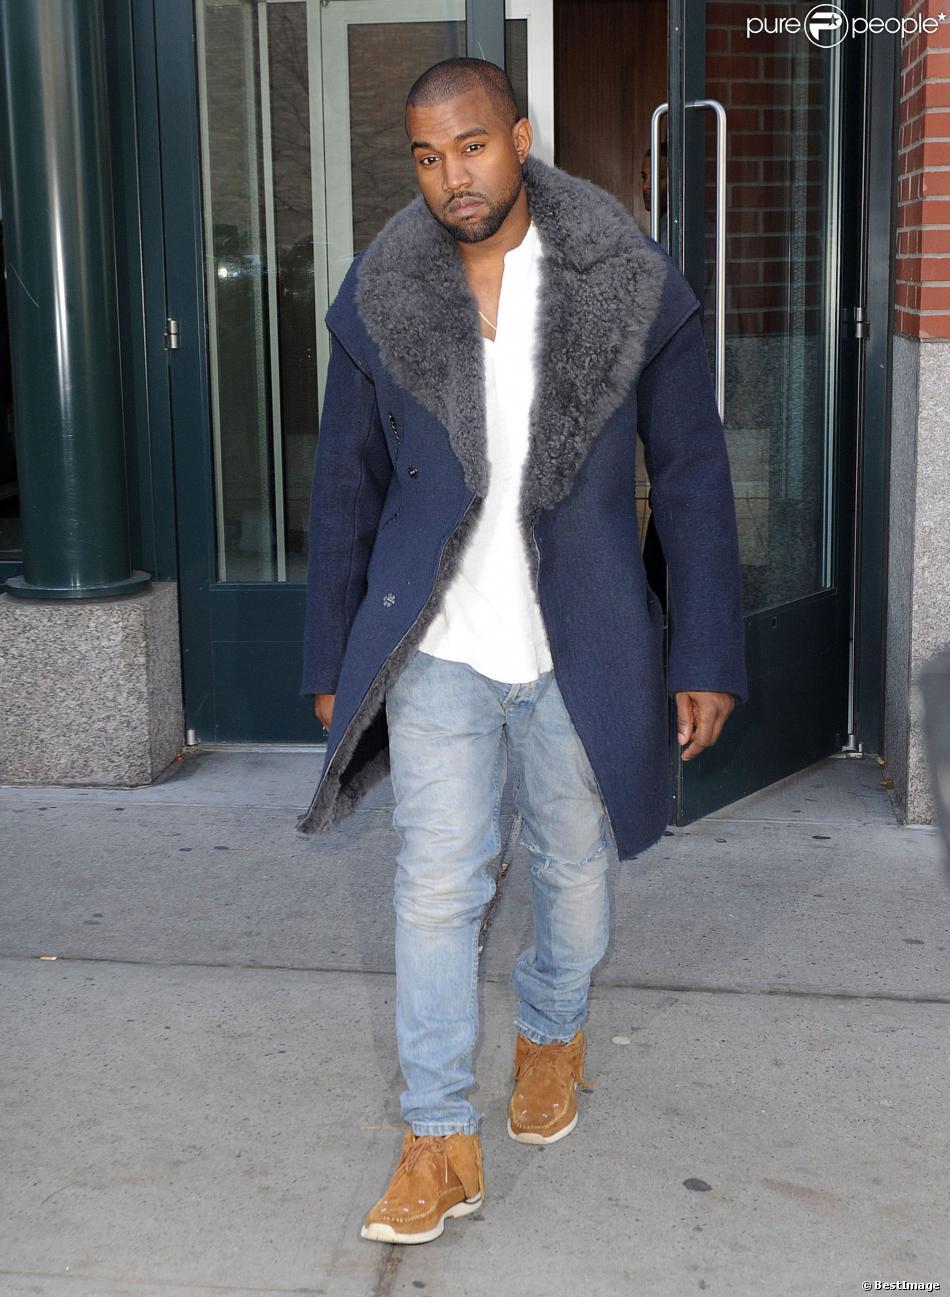 Kanye West sort de son appartement   224  SoHo  habill  233  d un manteau    Kanye West Son Justin